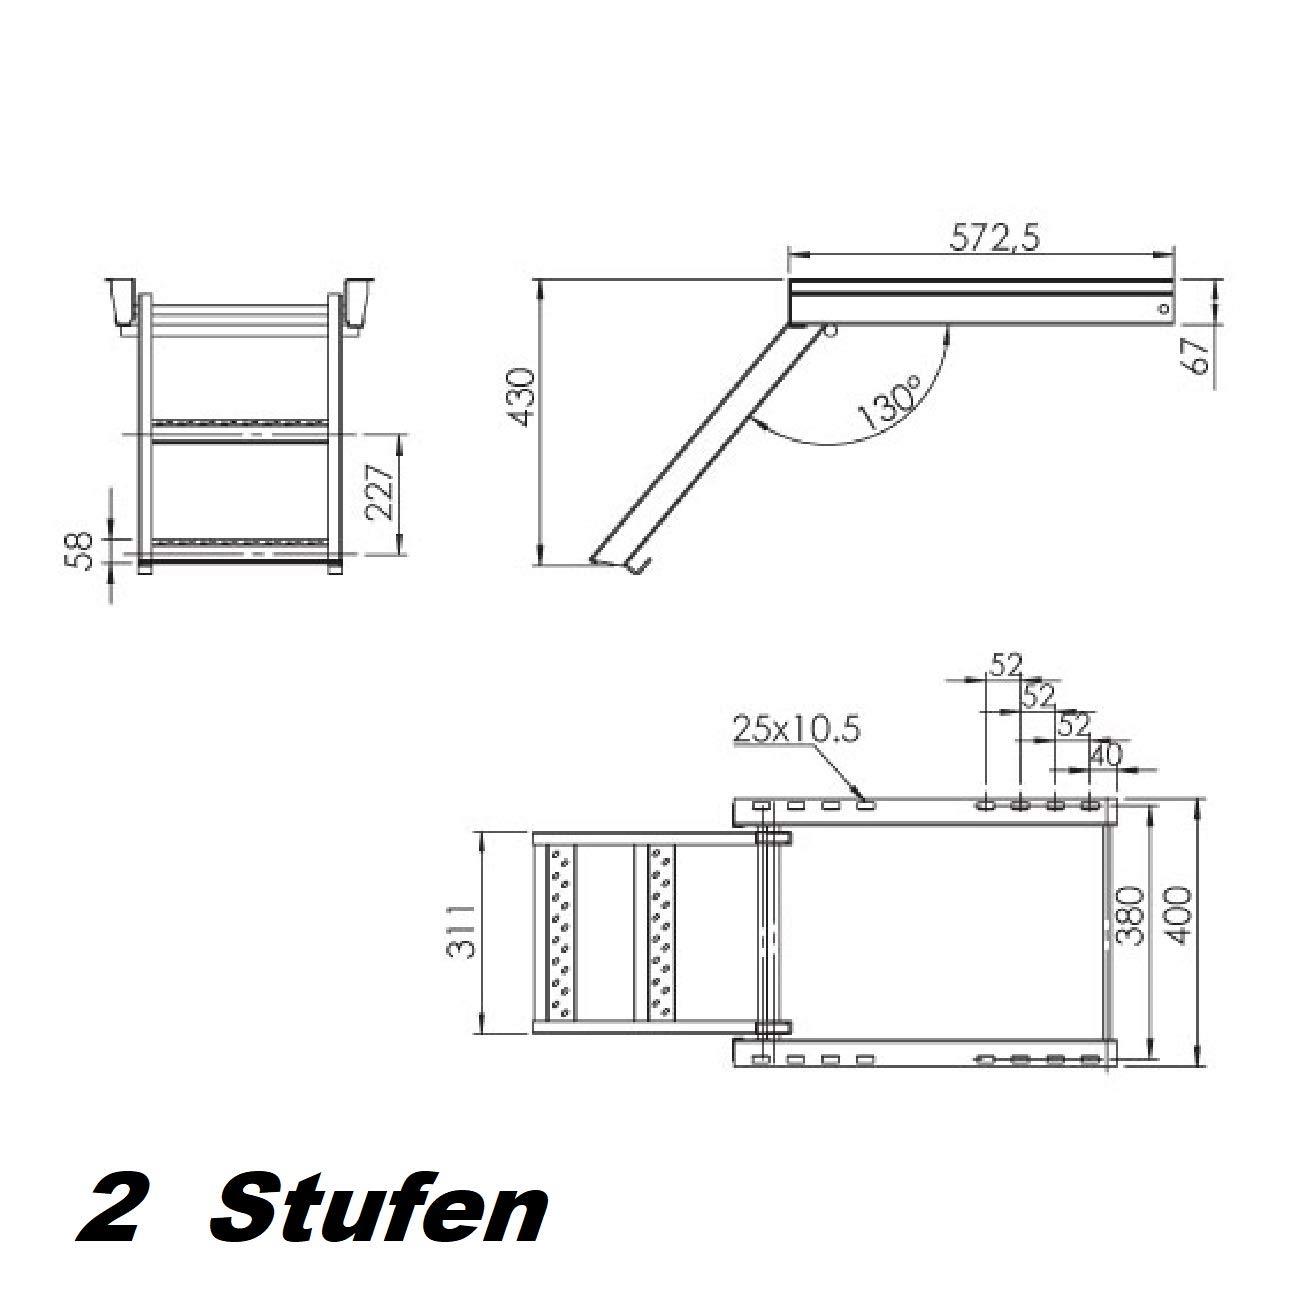 escalera de mano de 2 pasos Escalera de mano escalera de mano escalera de construcci/ón escalera de cami/ón remolque